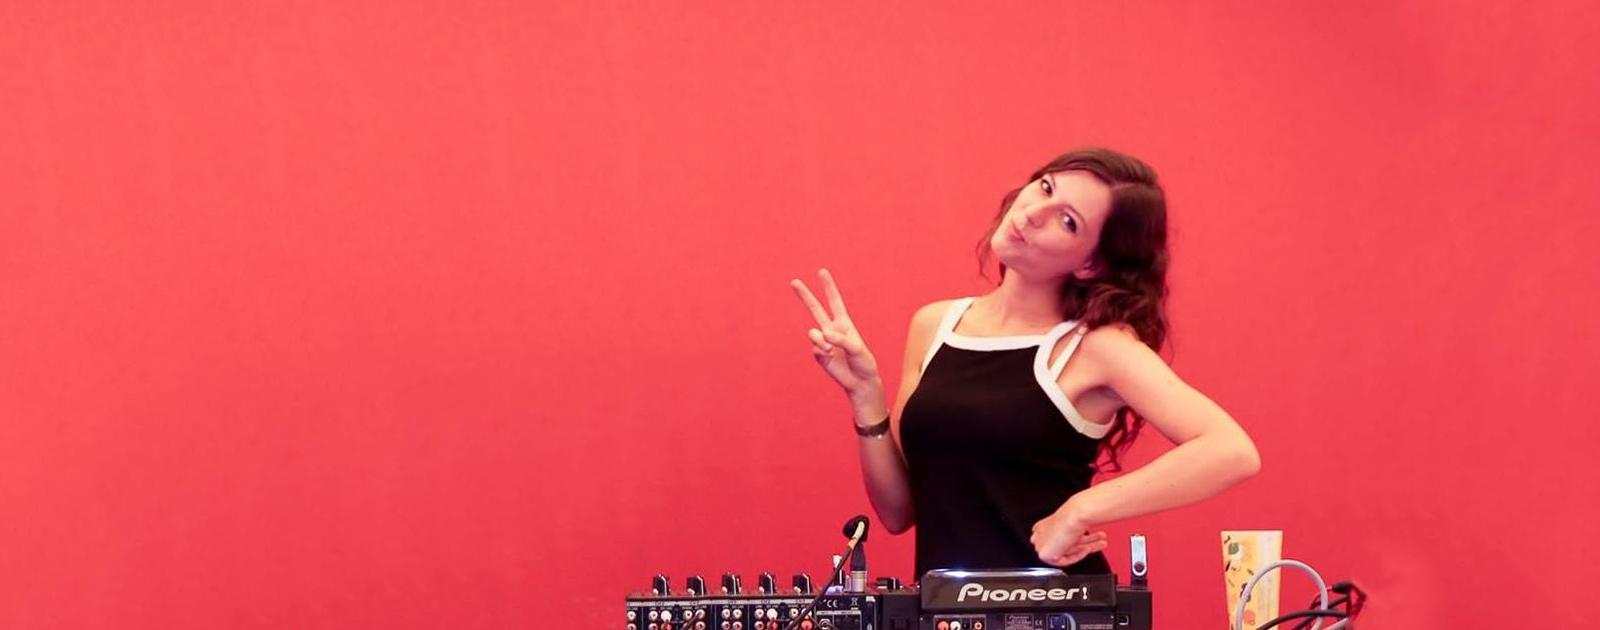 [FACEBOOK LIVE] Mix féministe en musique avec Carole Boinet LE MAIF SOCIAL CLUB